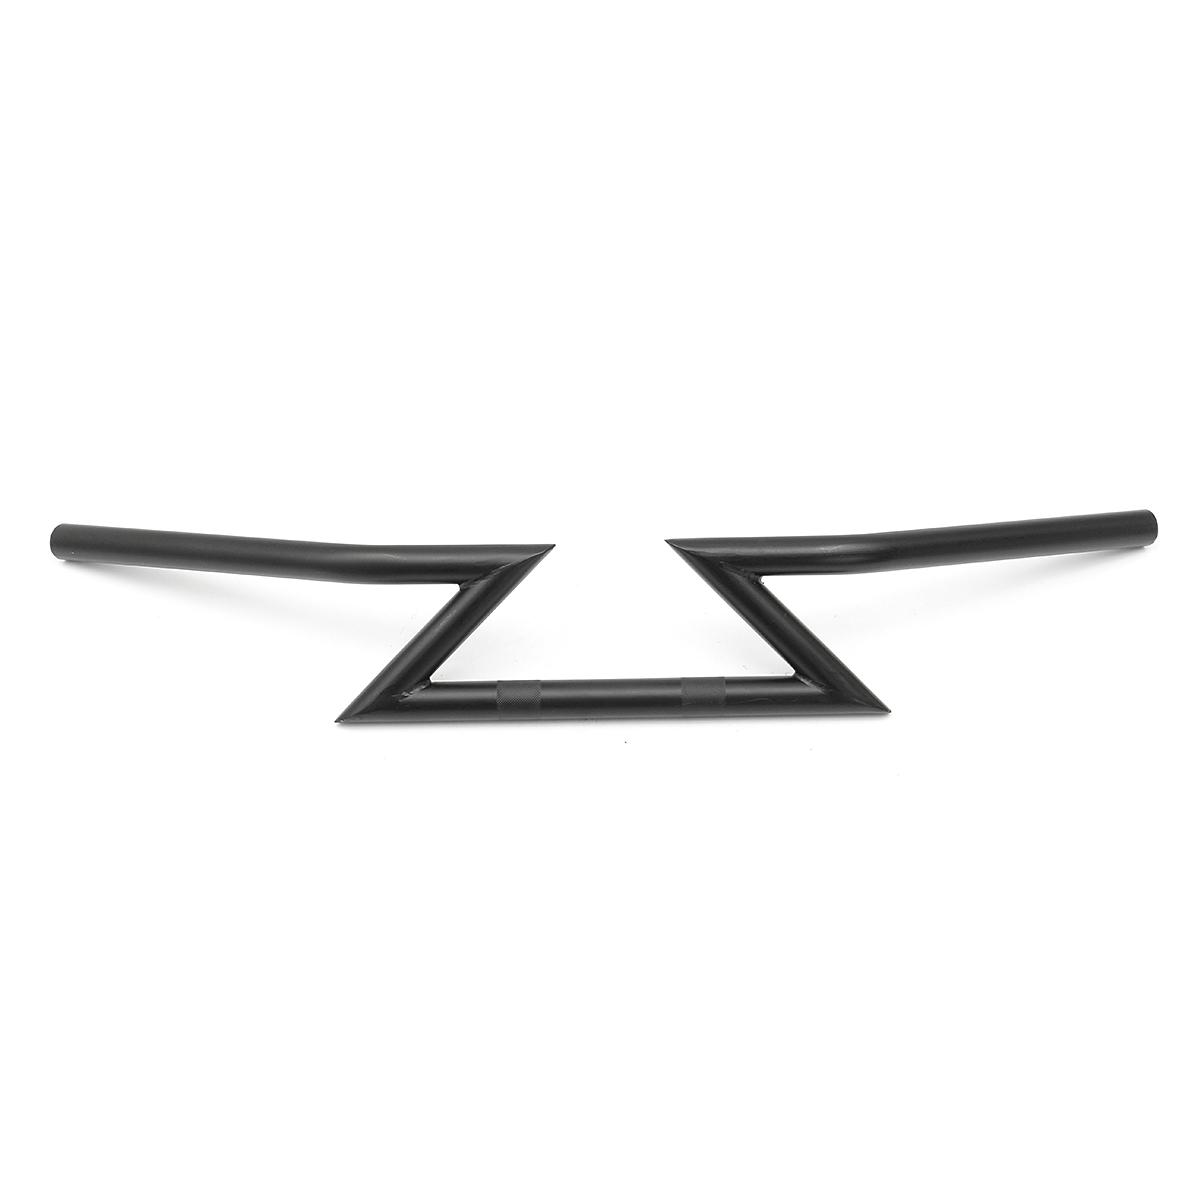 25mm 1inch Drag Handlebar Z-Bar For Honda/Yamaha/Suzuki